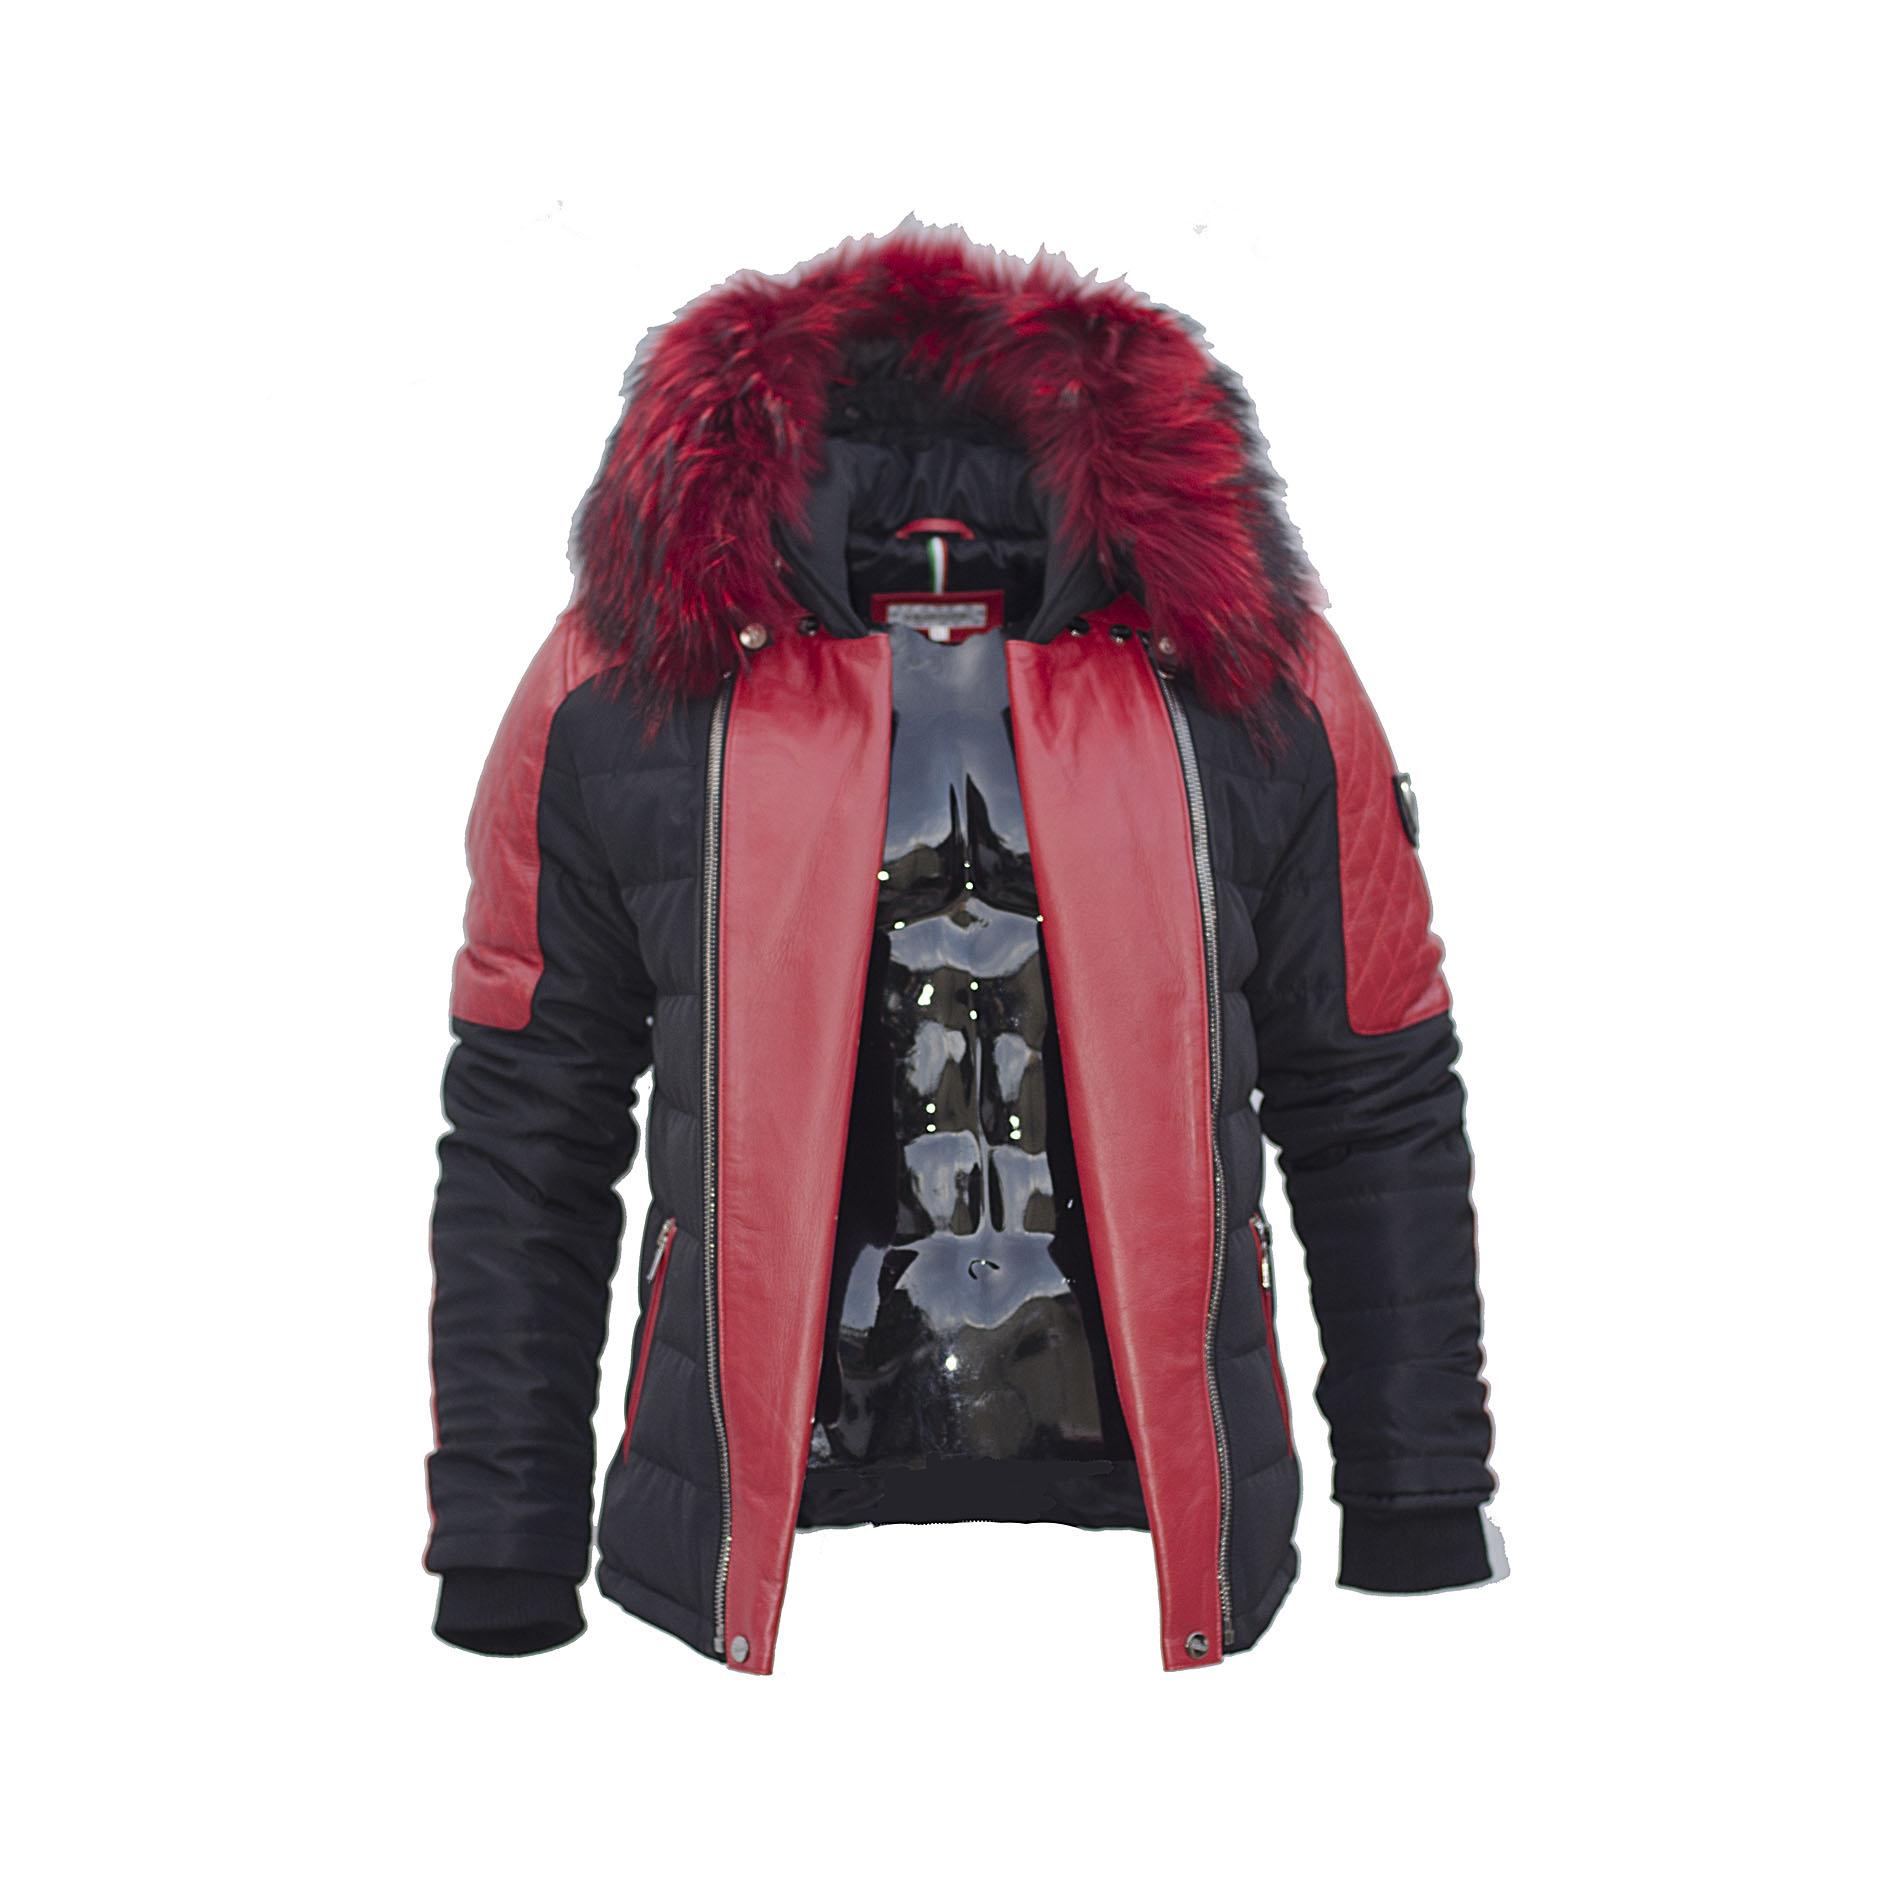 ventiuno modena veste doudoune bi mati re rouge fourrure paisse v ritable rouge cuir d 39 agneau. Black Bedroom Furniture Sets. Home Design Ideas